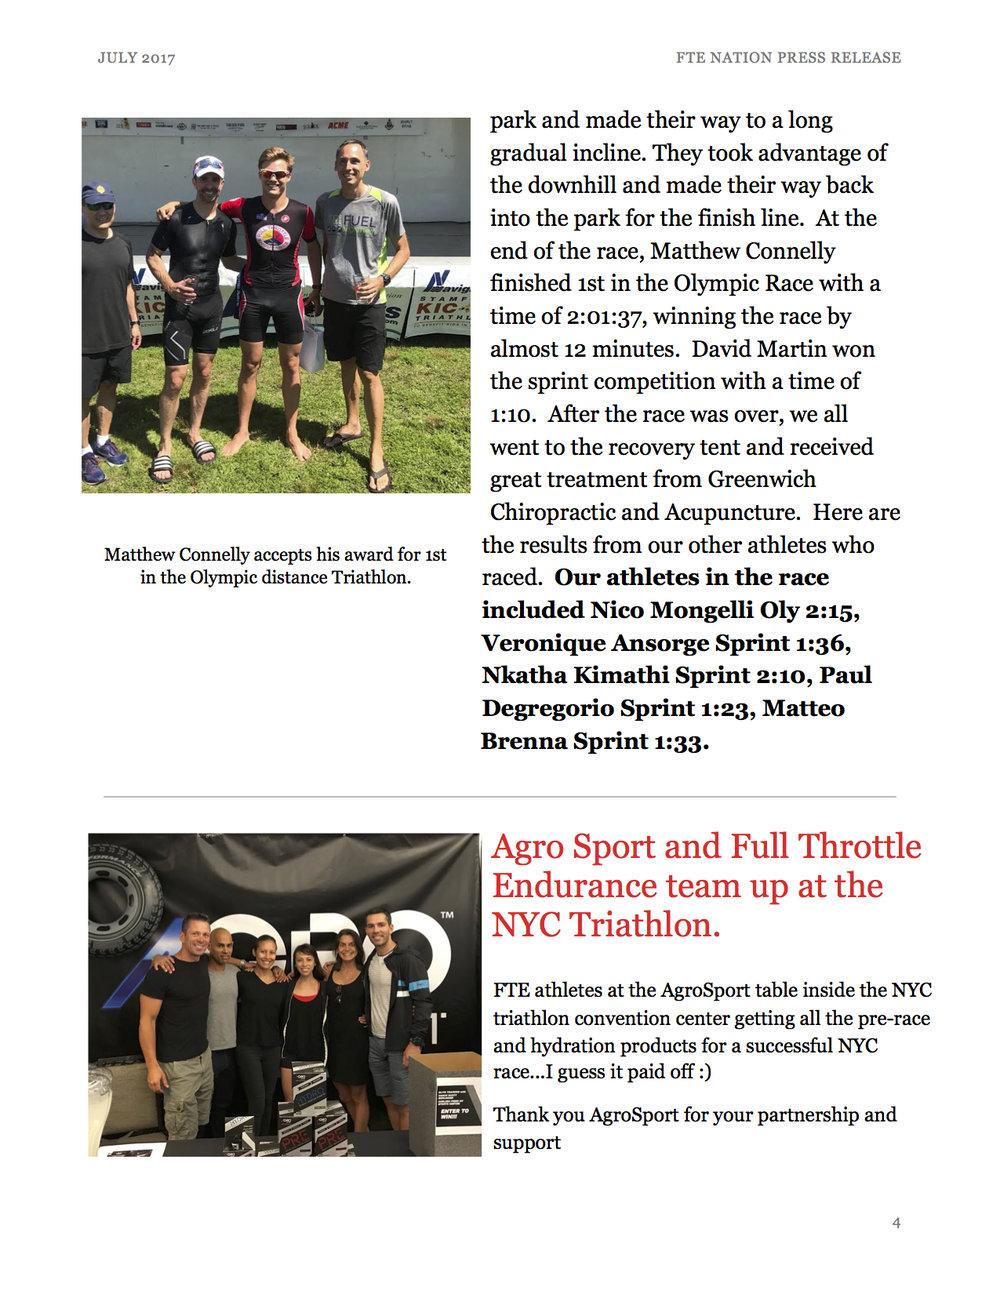 July 2017 Press Release 4.jpg